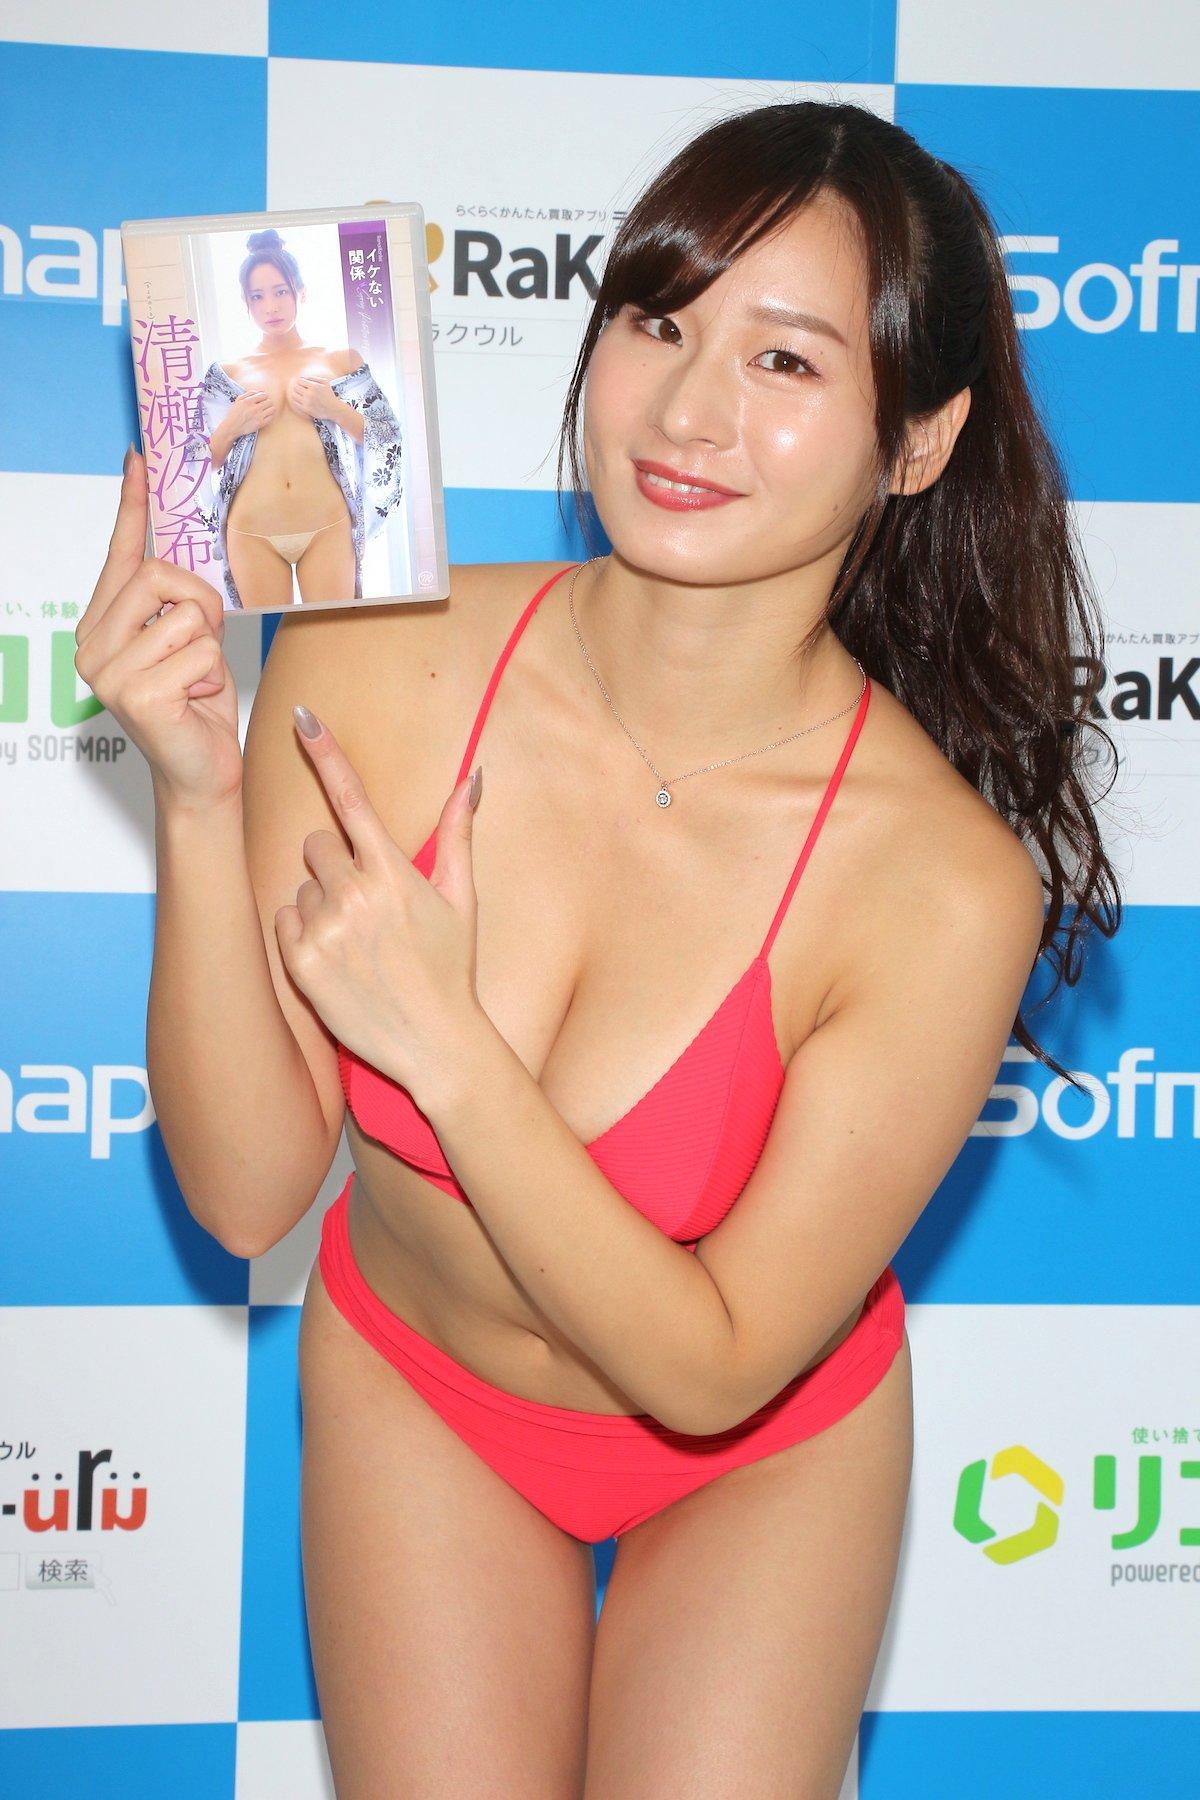 清瀬汐希「本当に何も着てない」お風呂のシーンは露出度満点!【画像62枚】の画像060